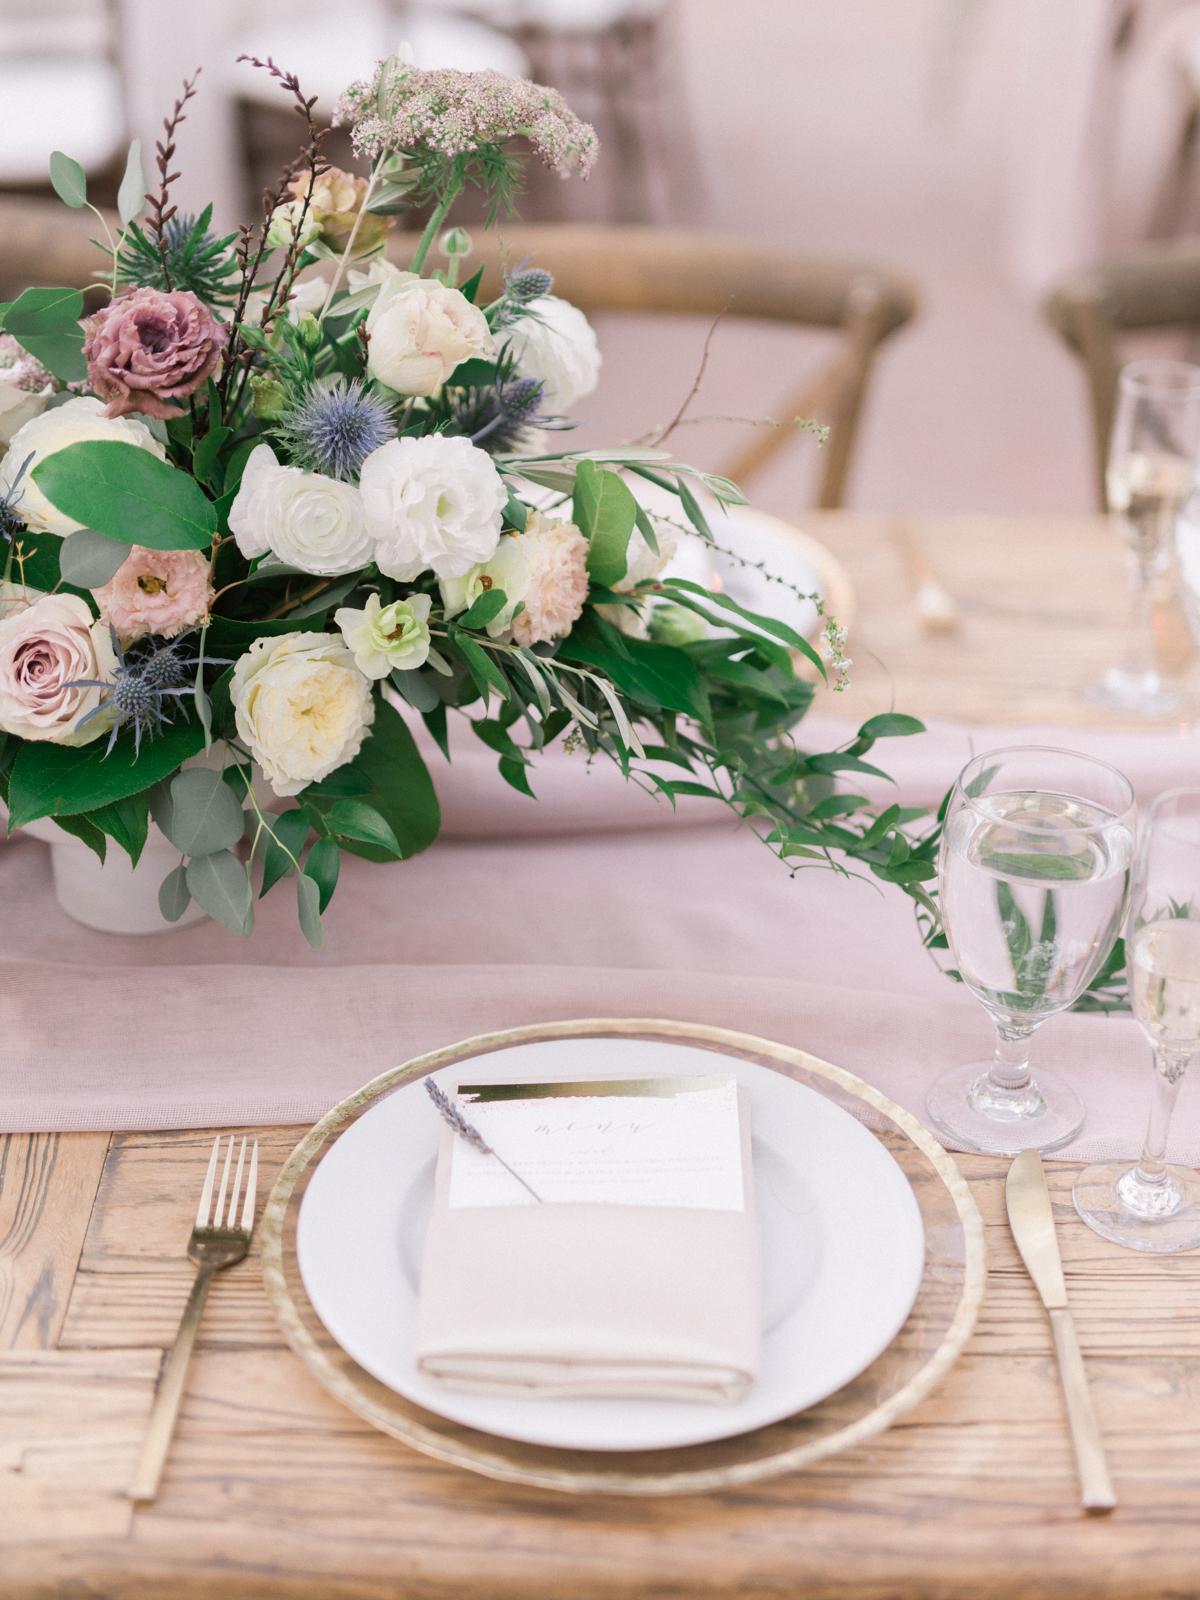 Inšpirácie na svadobné stolovovanie - Obrázok č. 33